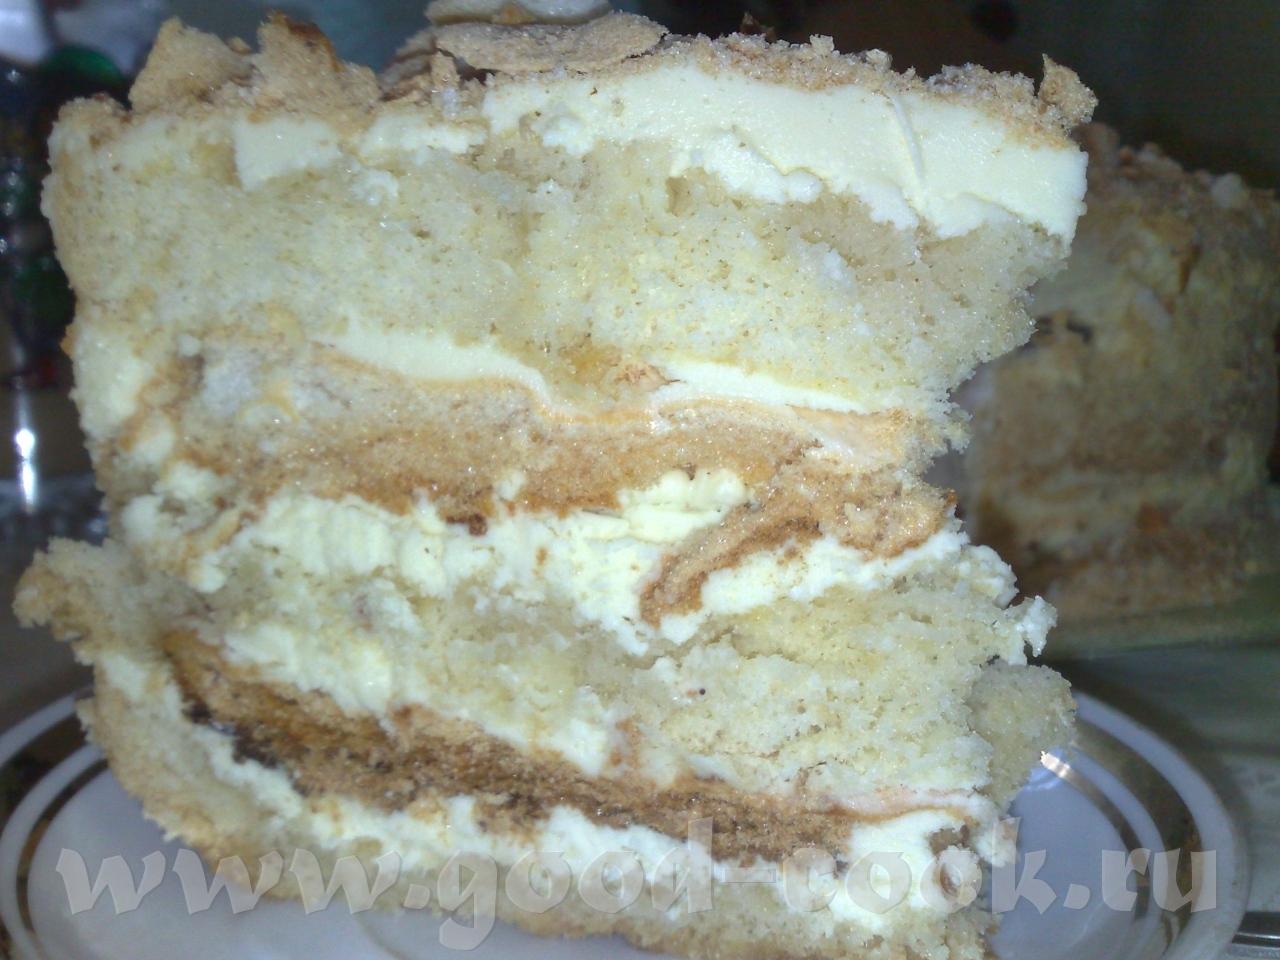 Торт с прослойкой из безе рецепт пошагово в домашних условиях